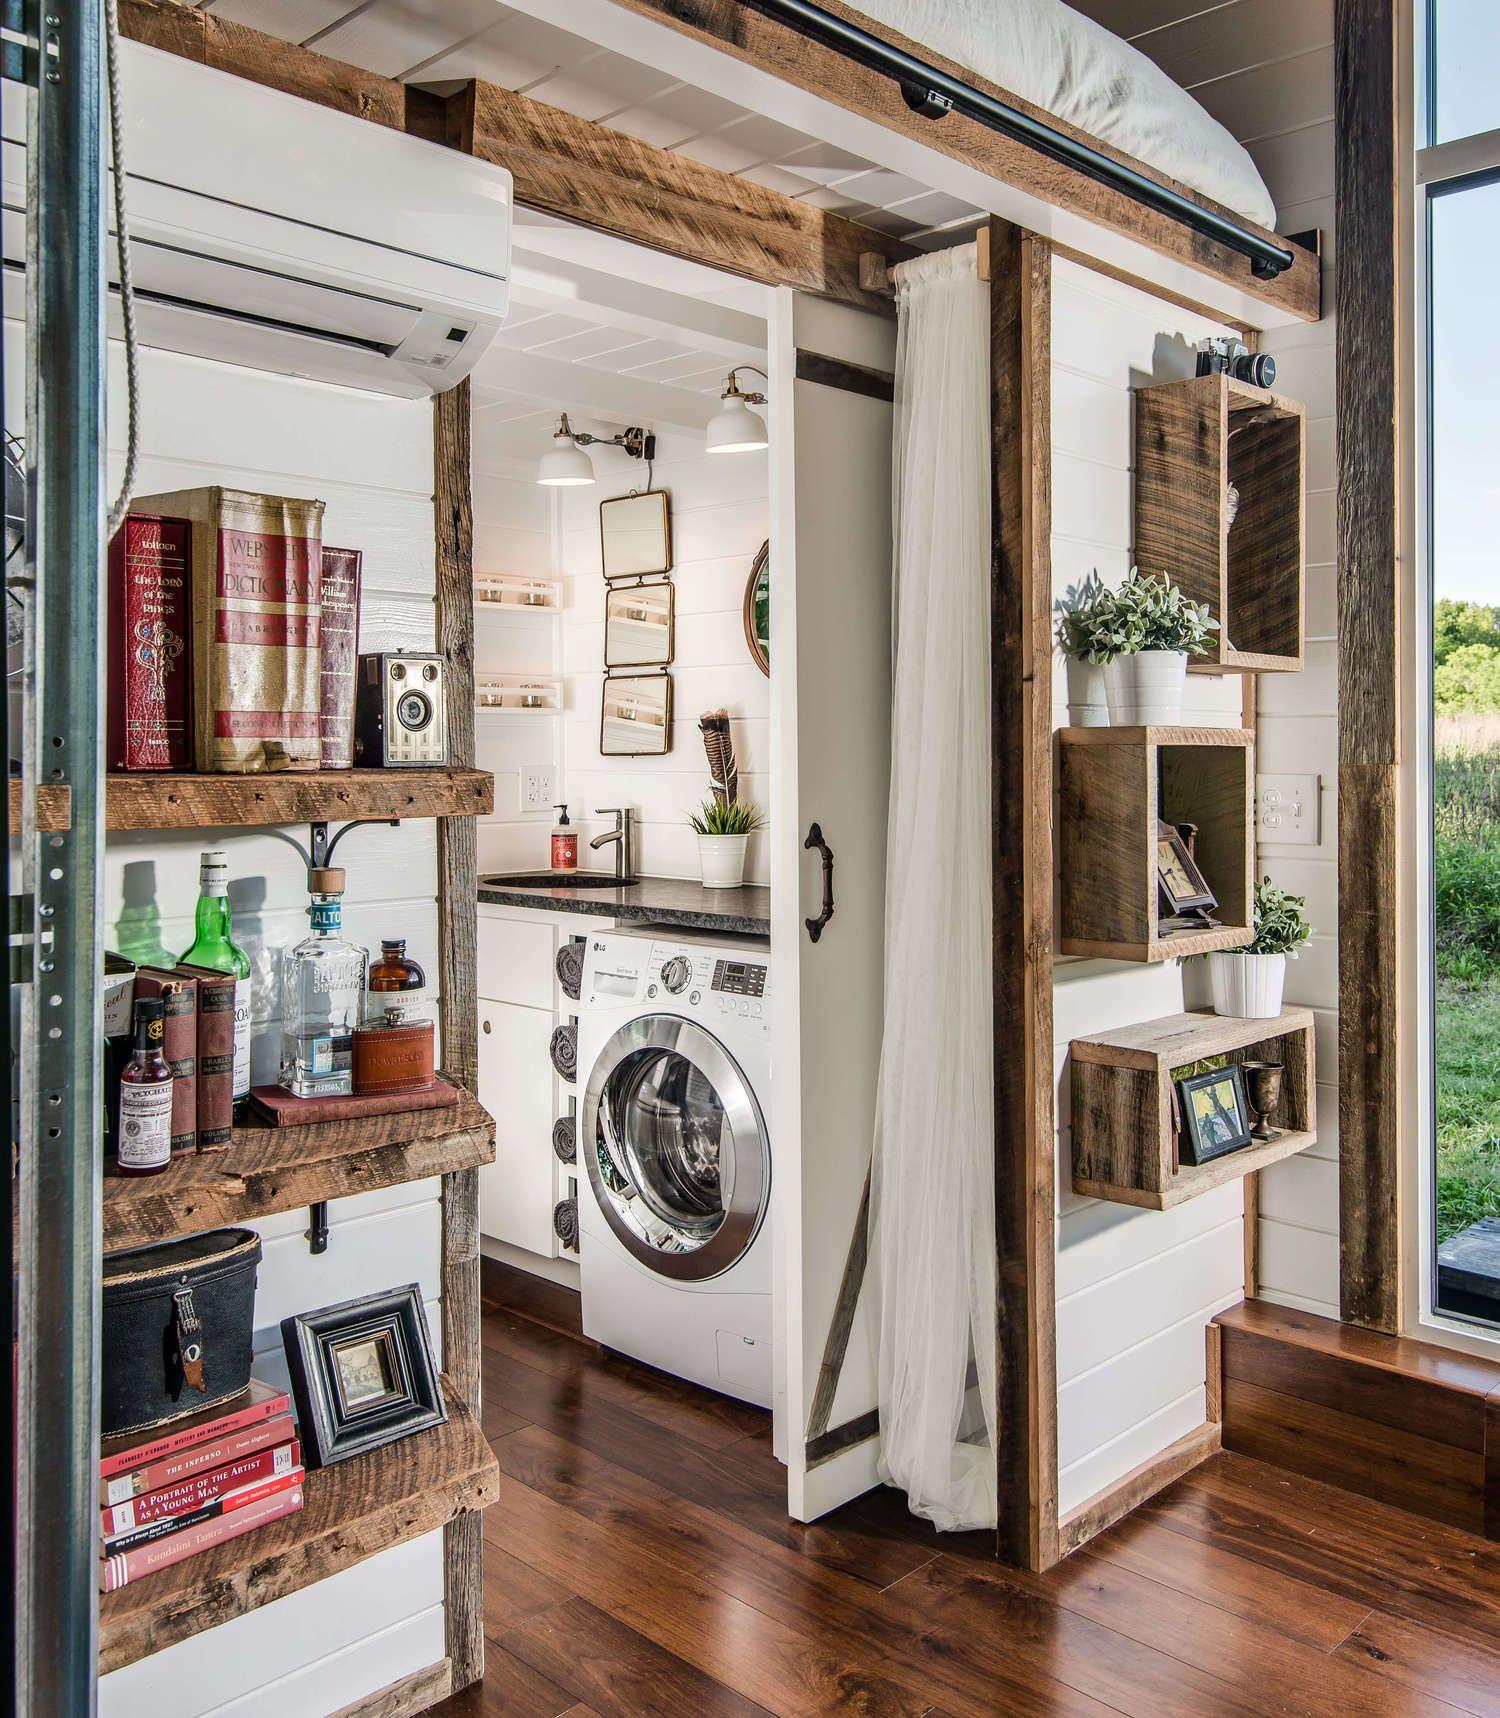 Photo of Innovative winziges Haus präsentiert luxuriöse Dettagli sul budget Budget – Besten Haus Dekoration